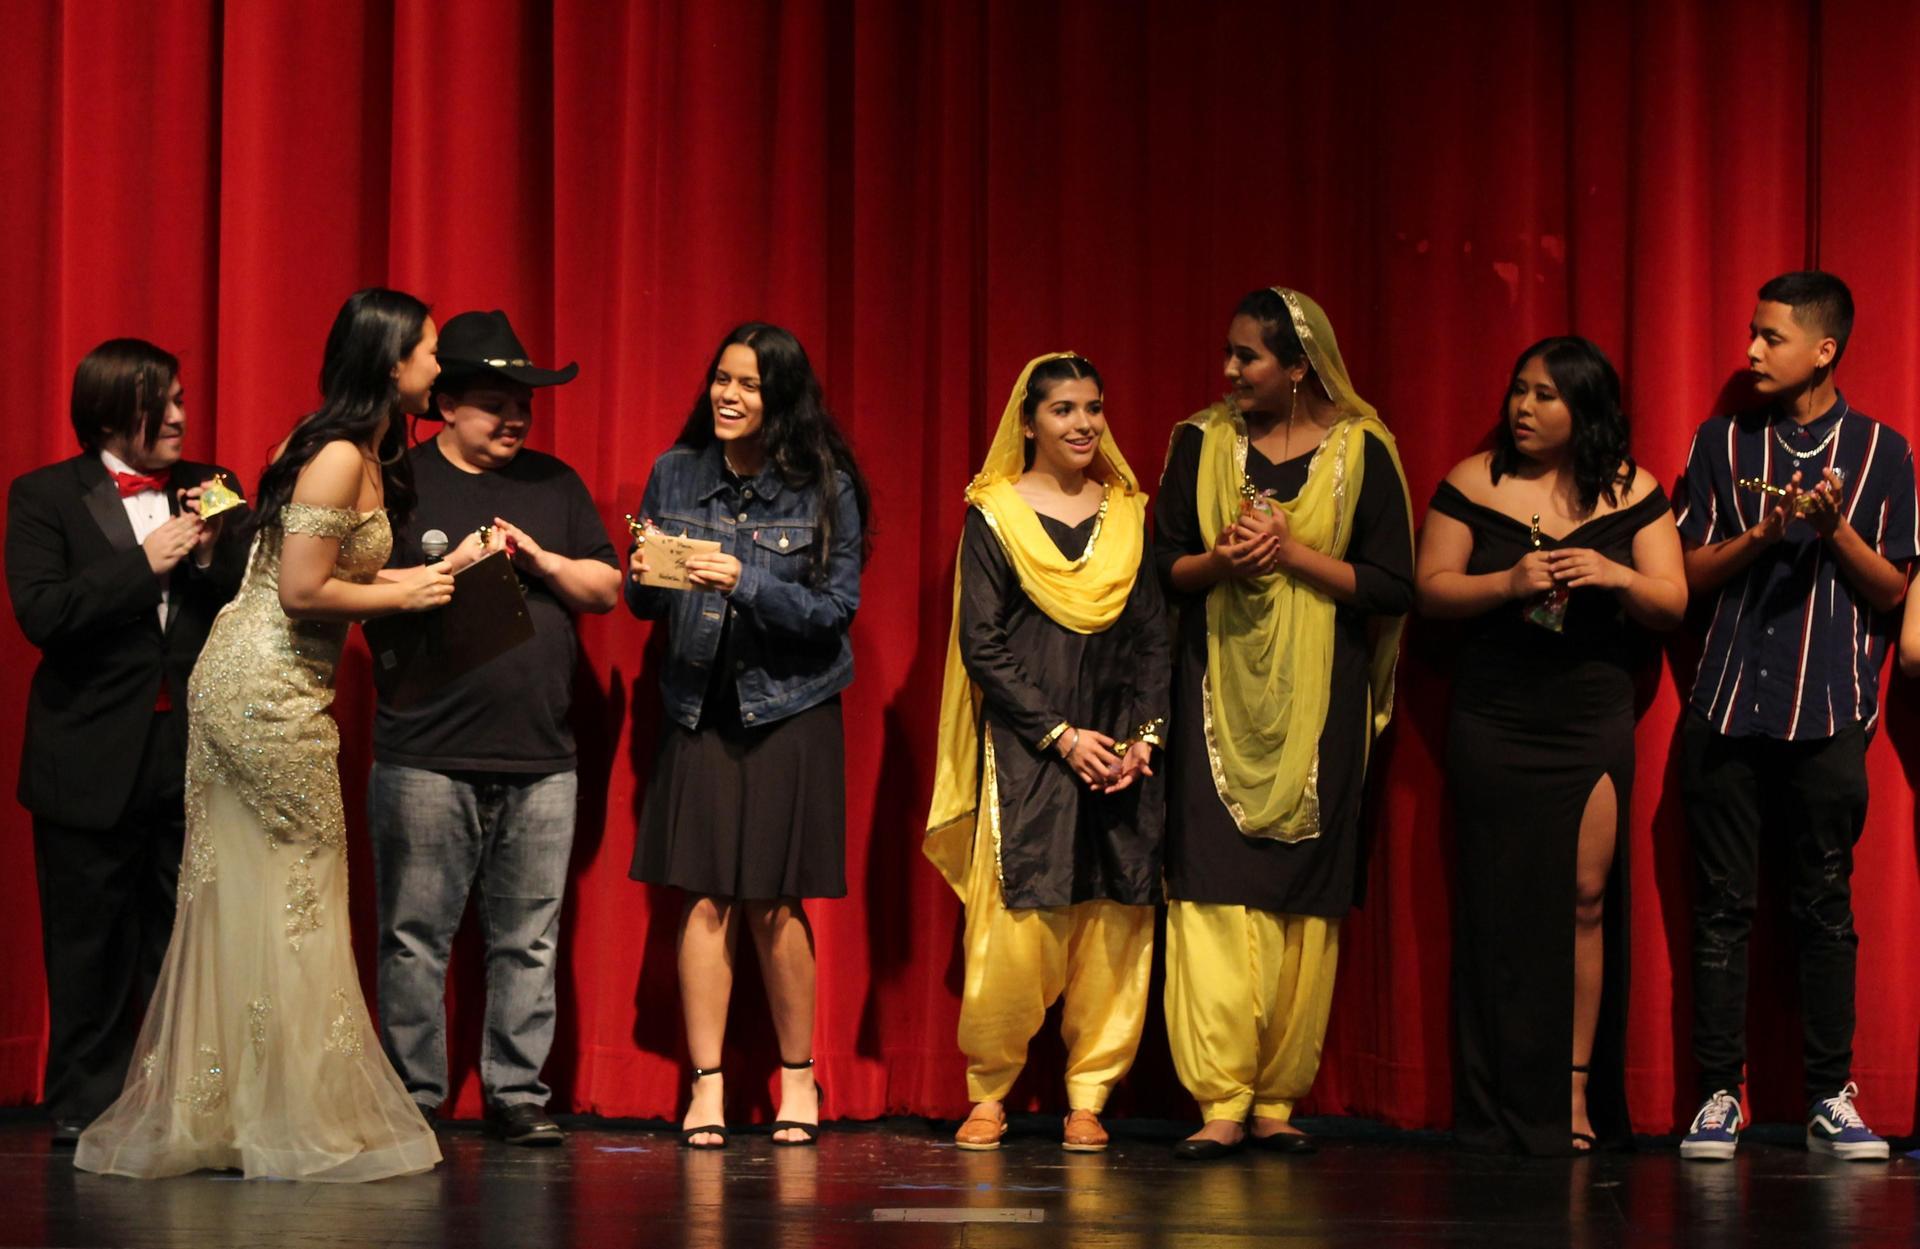 Hahna Song, Isaiah Bishop, Jaxon Powell, Natasha Bhardwaj, Stephanie Ponce, Sukhpreet Kaur, Bianca Solidum, and Sebastian Vega